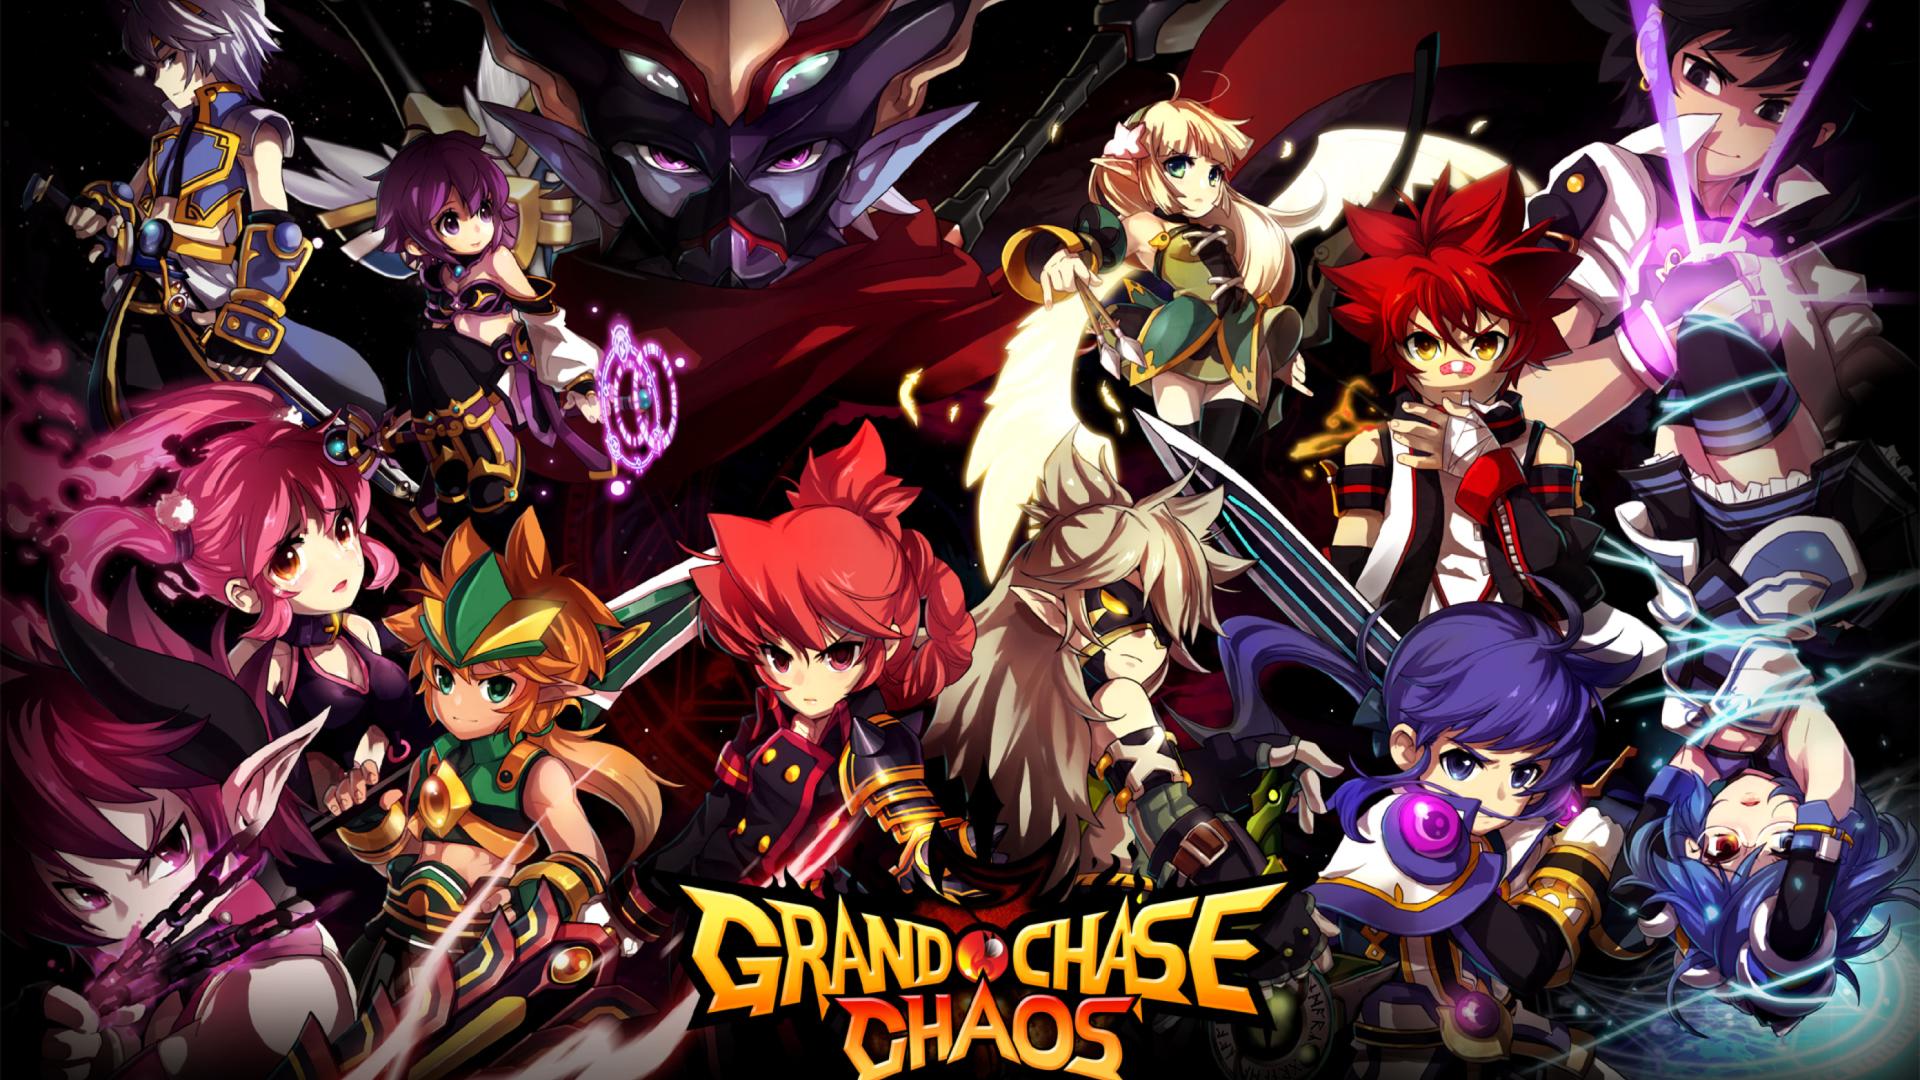 Grand Chase: Imagem promocional da quarta temporada, tida como uma das melhores do jogo.